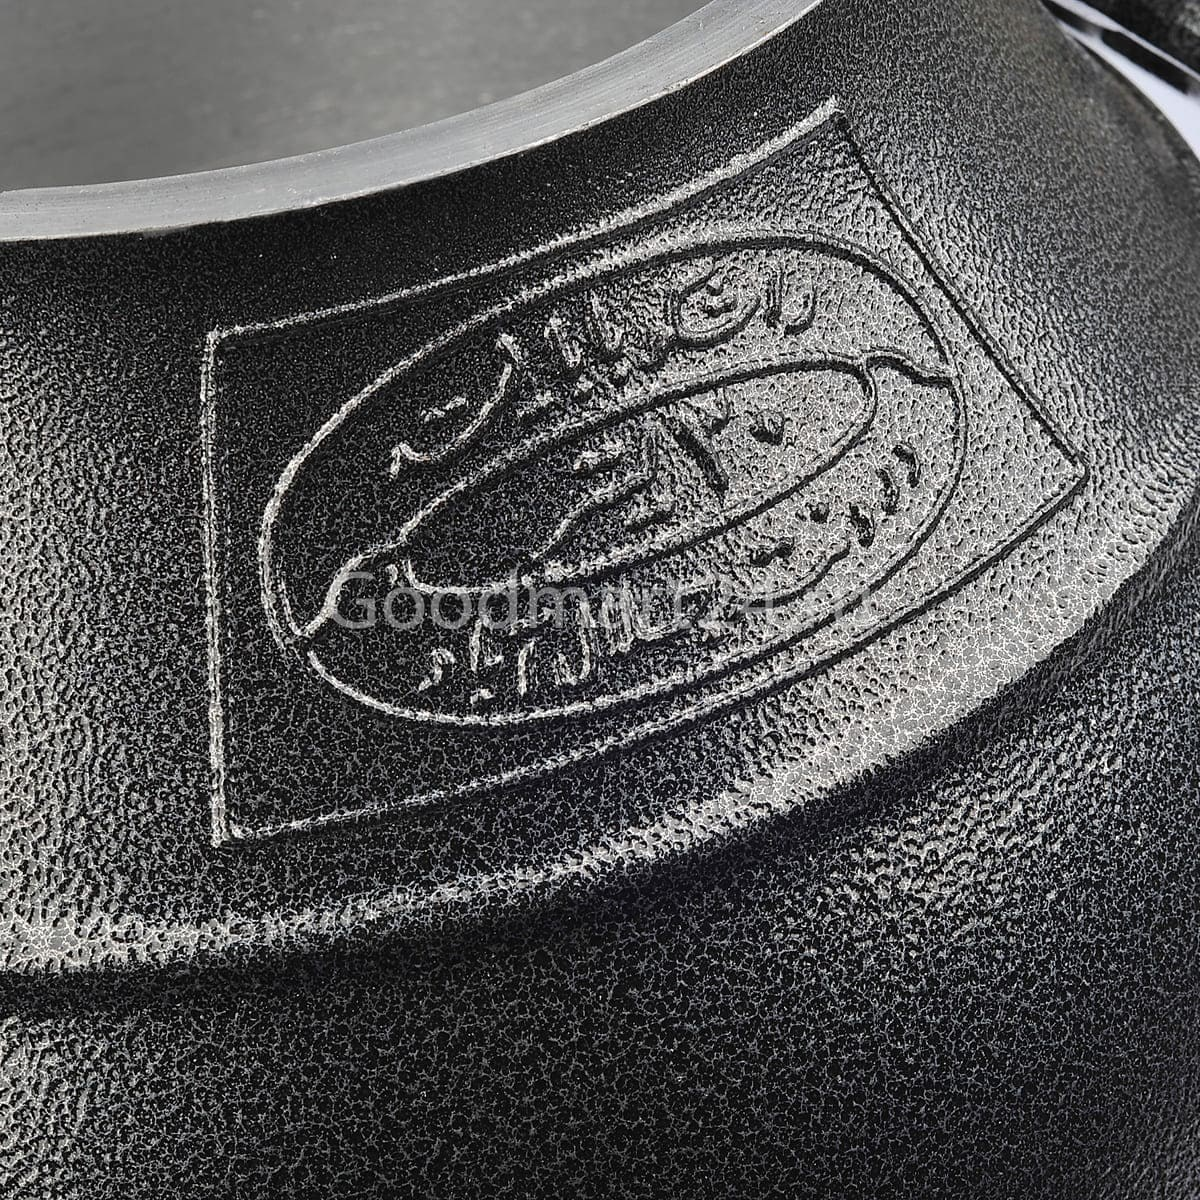 Афганский казан Rashko Baba LTD 8 литров алюминиевый чёрный